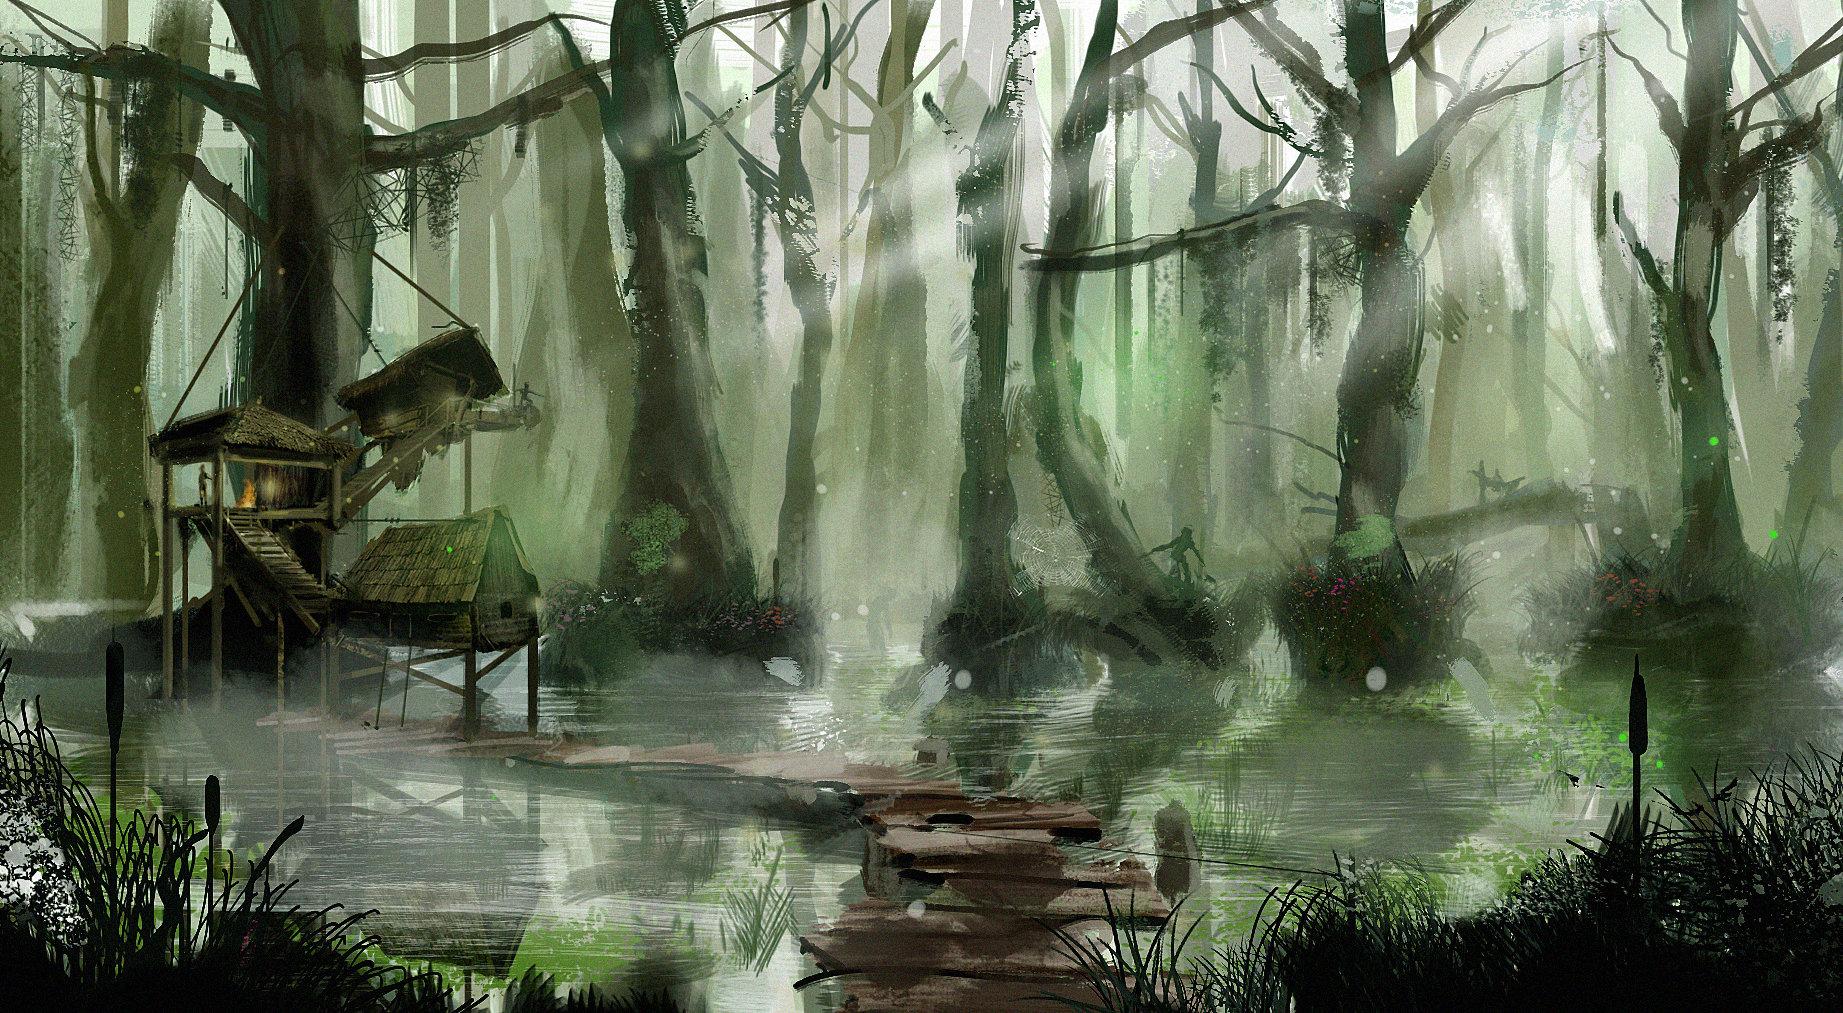 Piotr melentowicz swamp hut flat